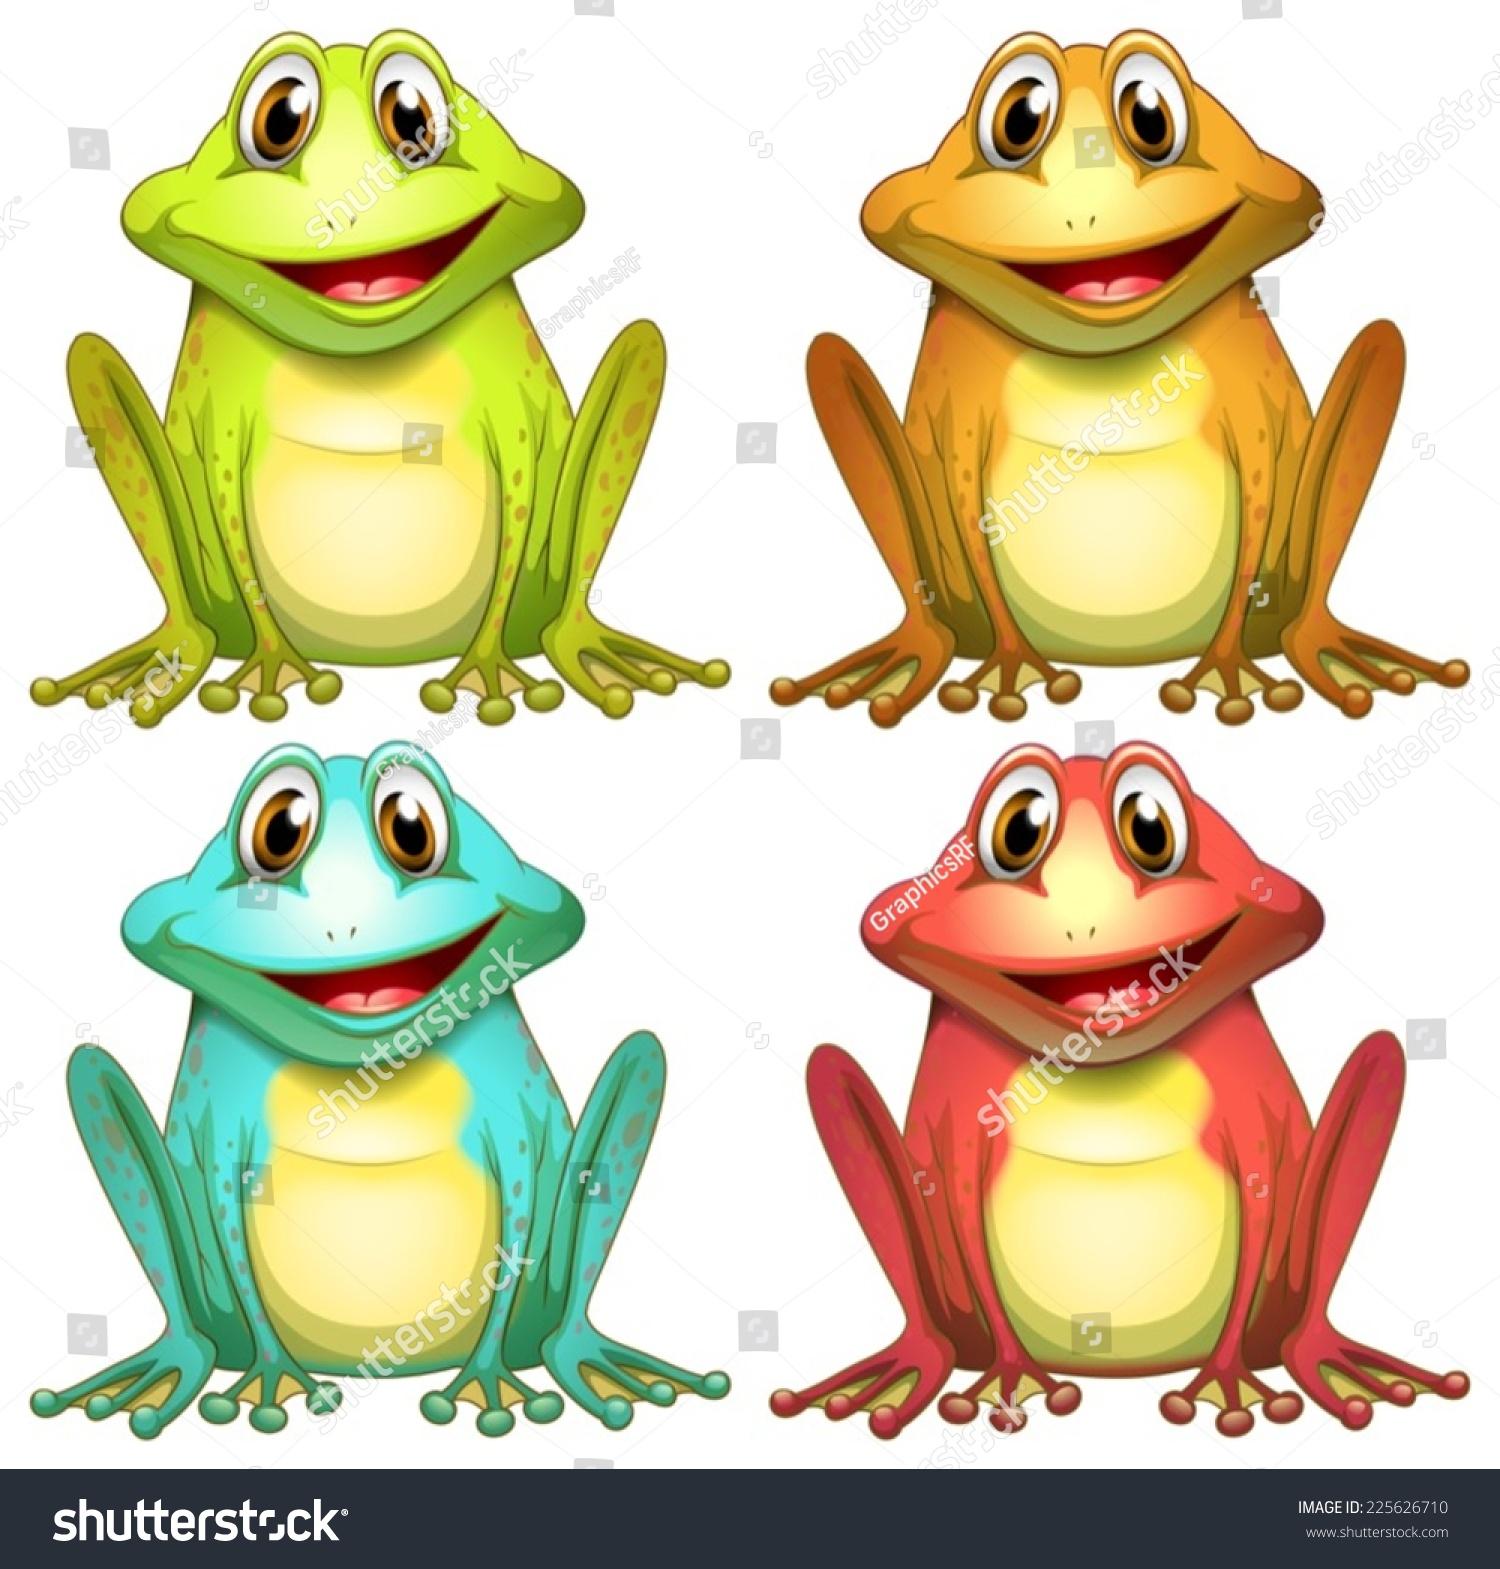 Color cartoon photos of frogs - Color Cartoon Photos Of Frogs 82